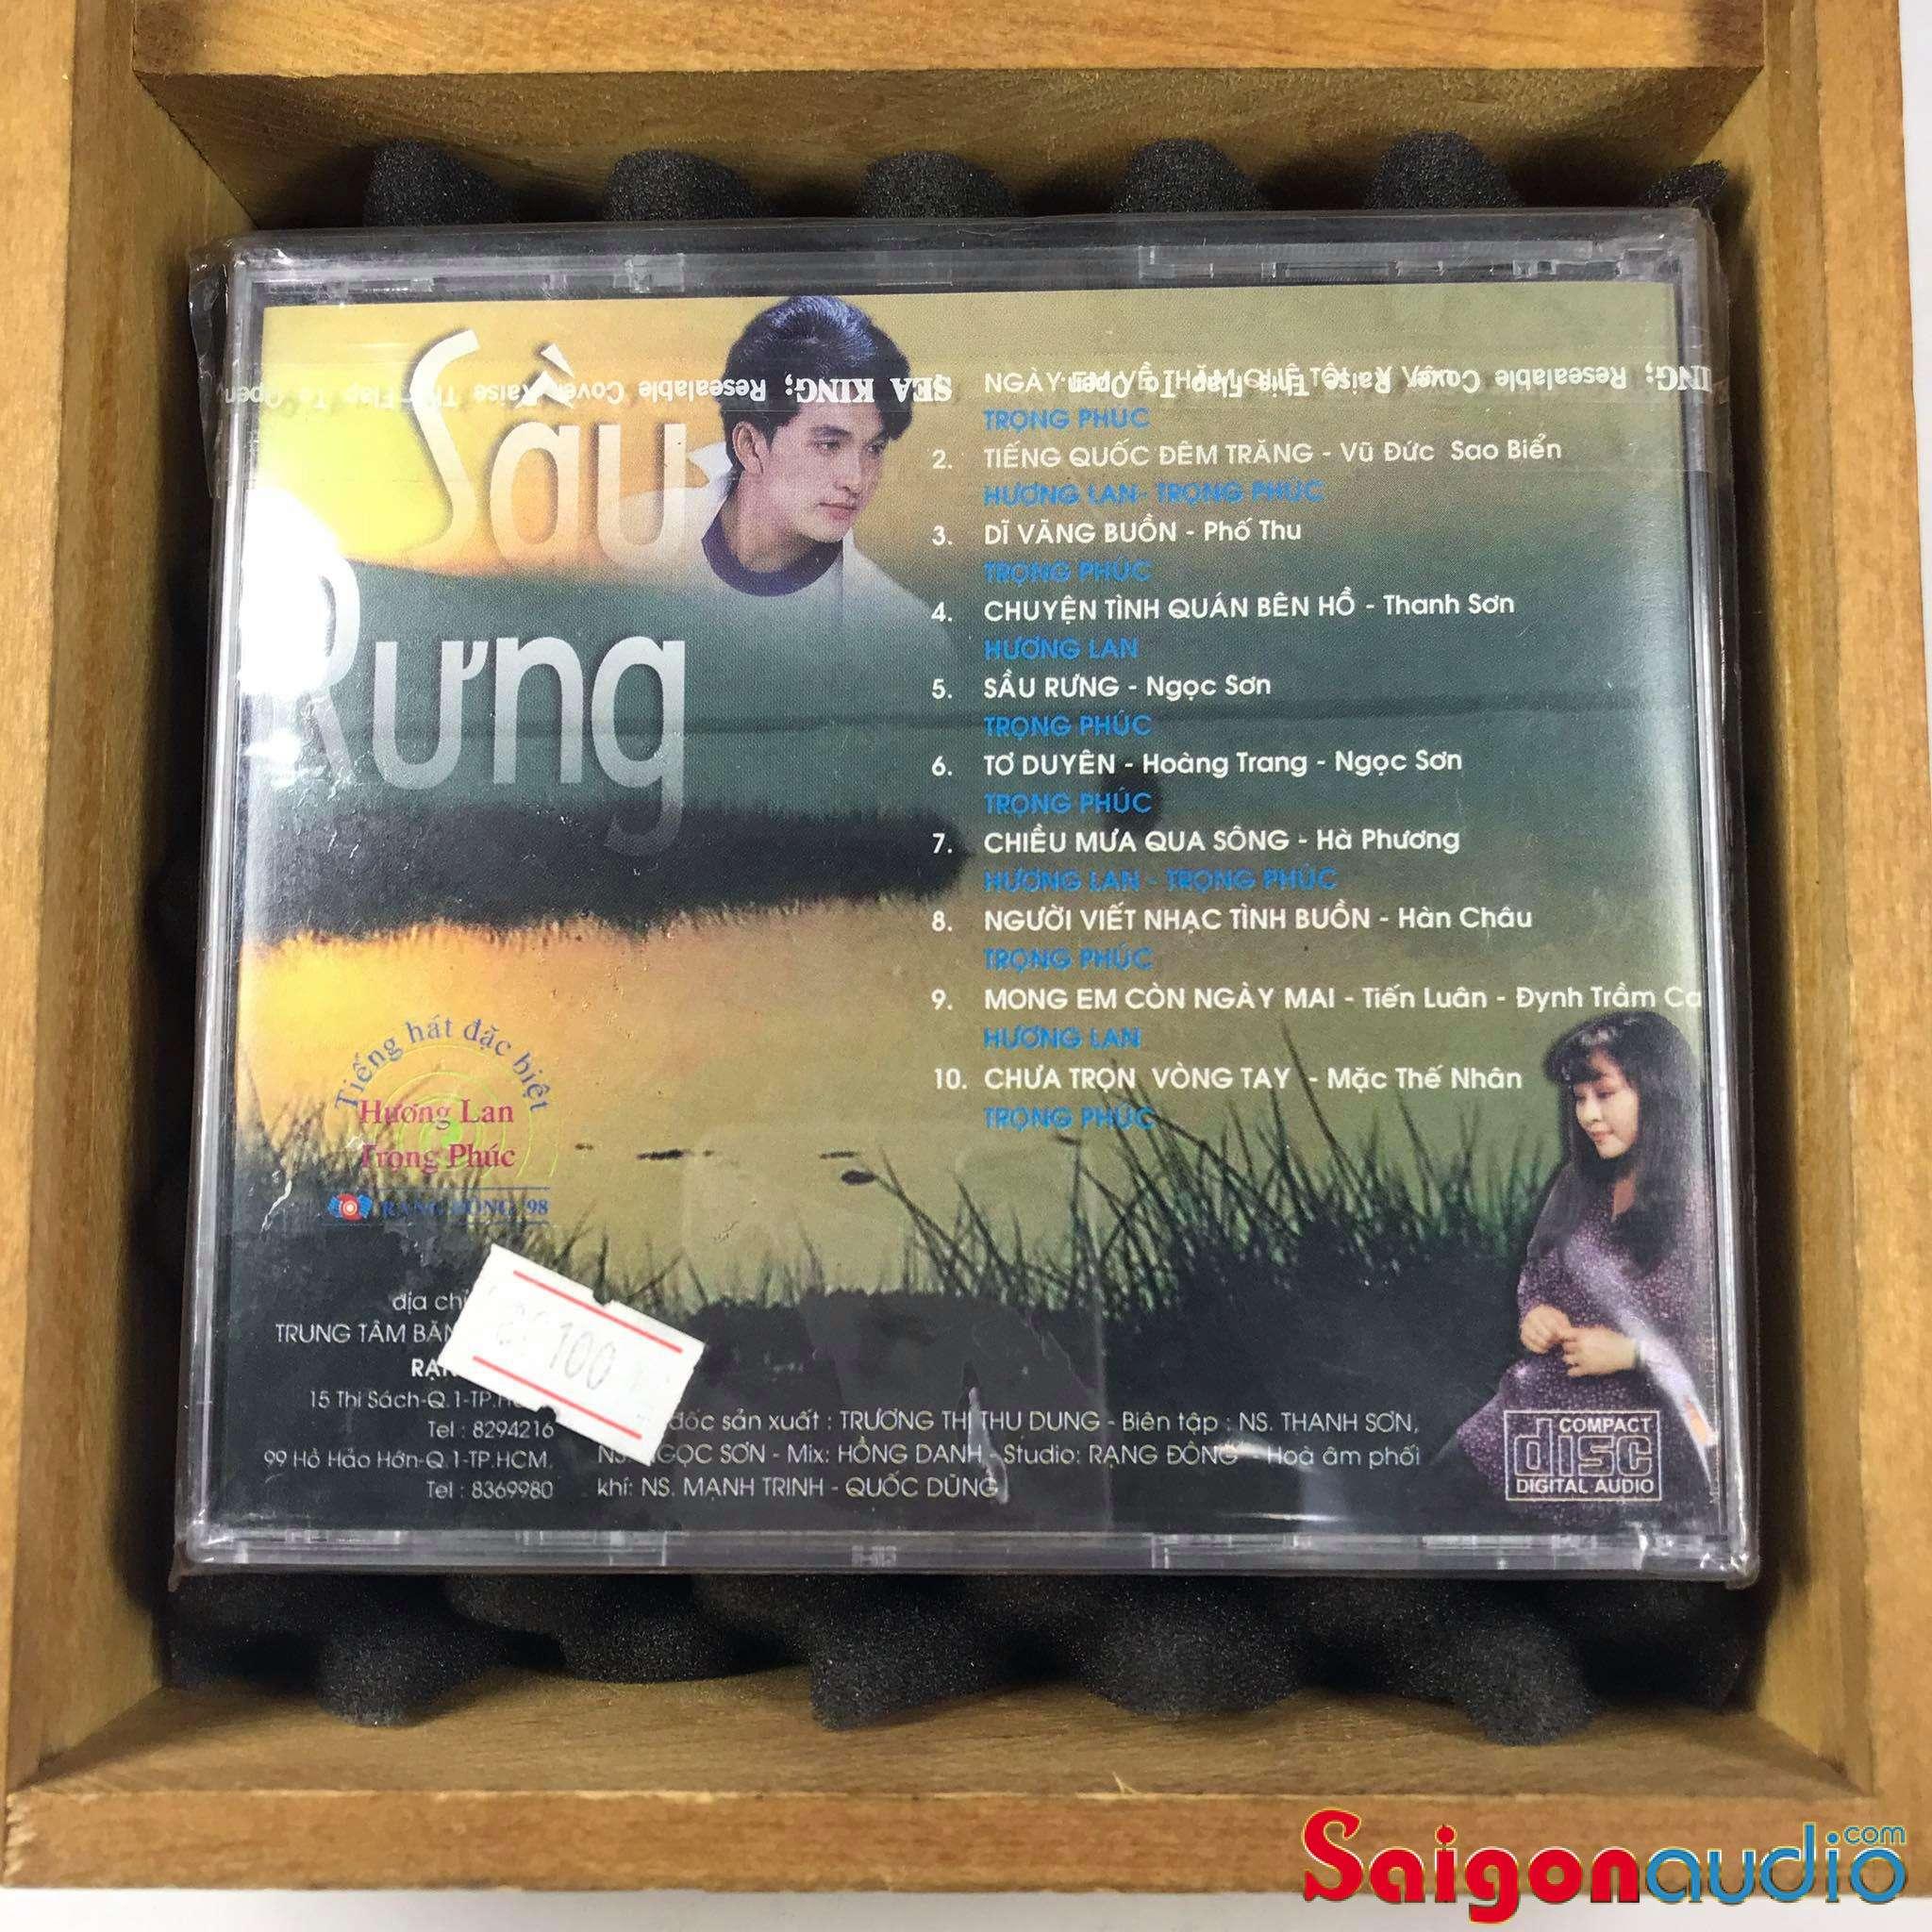 Đĩa CD nhạc gốc Sầu Rưng (Free ship khi mua 2 đĩa CD cùng hoặc khác loại)